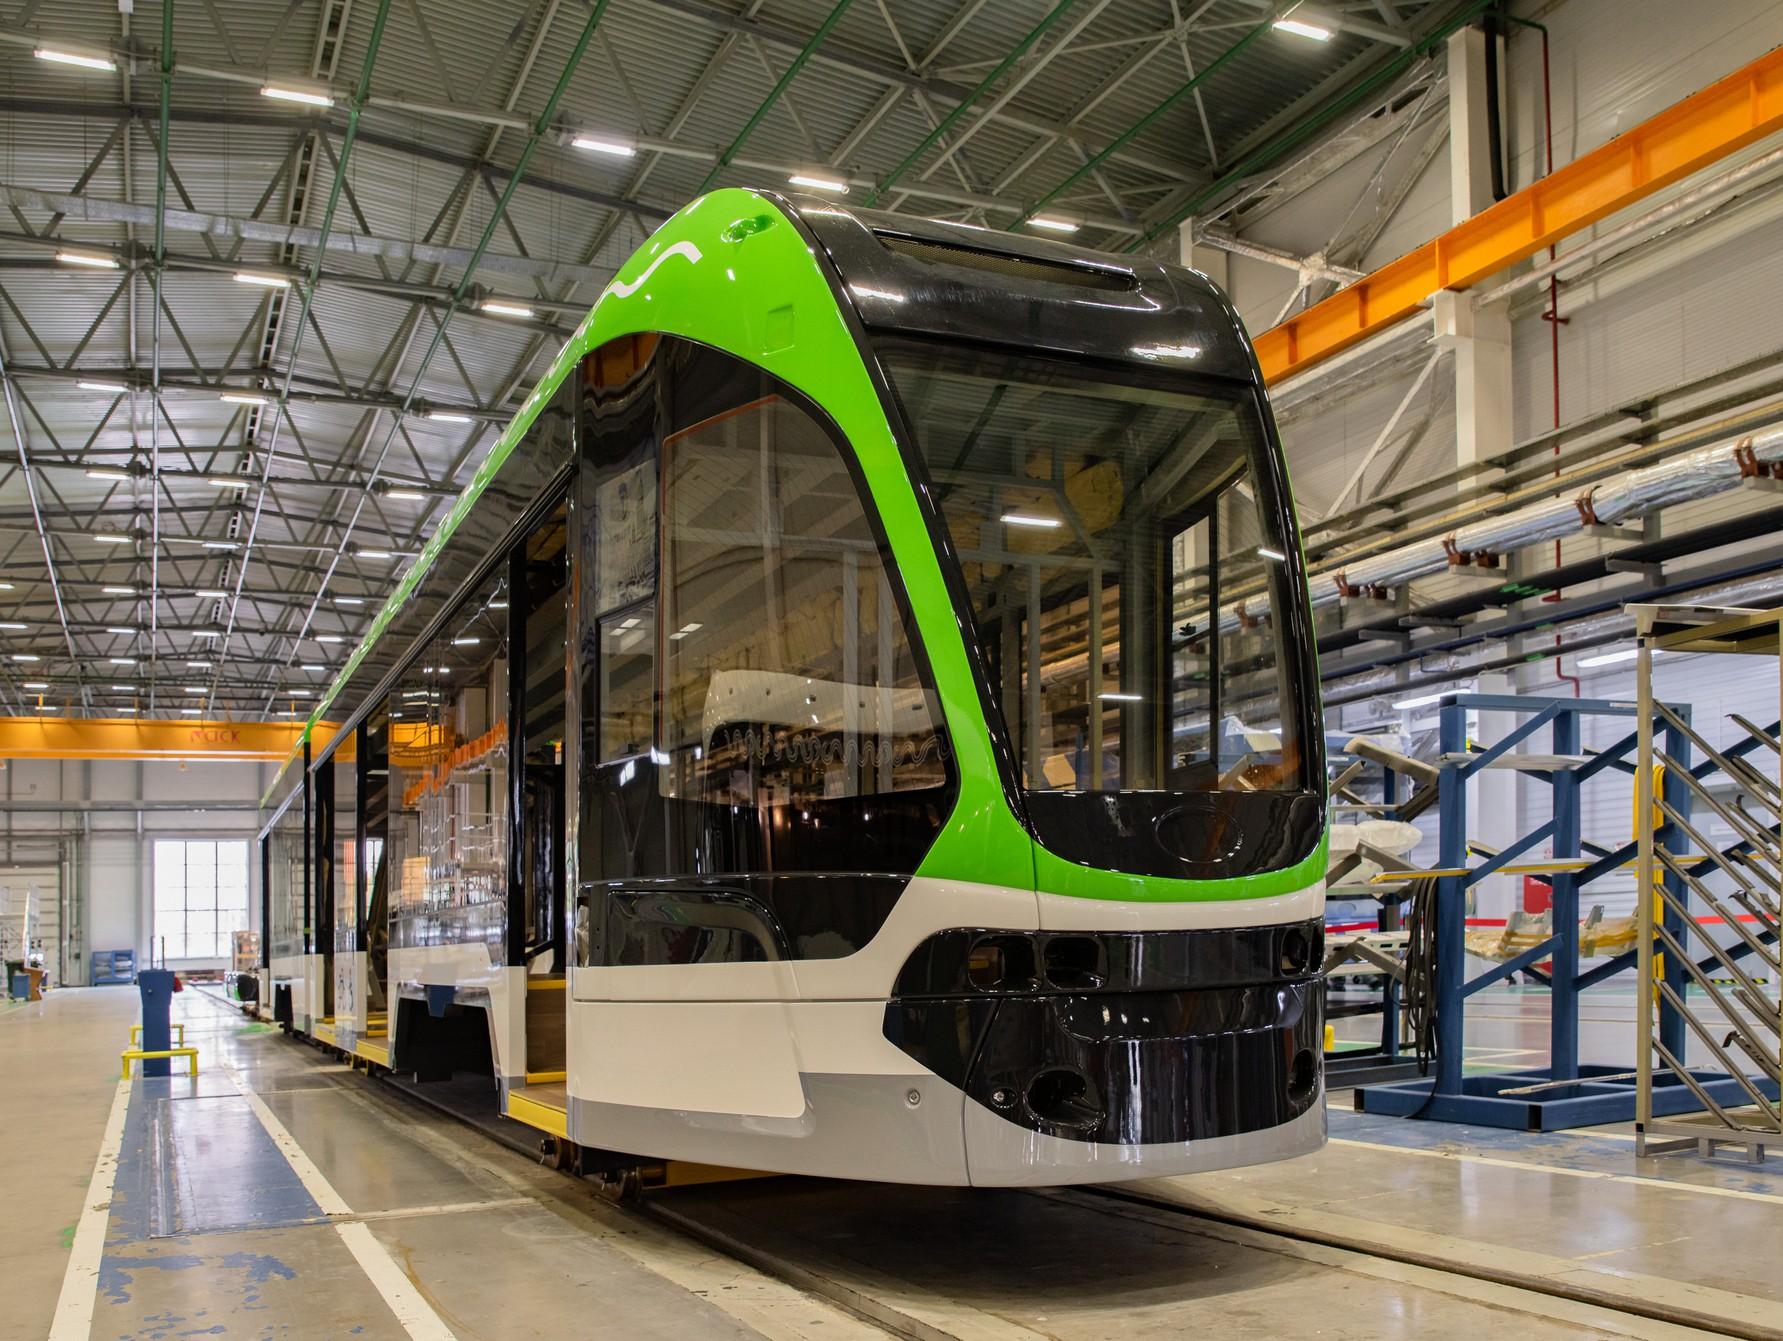 В Твери сделали ещё одну трамвайную новинку